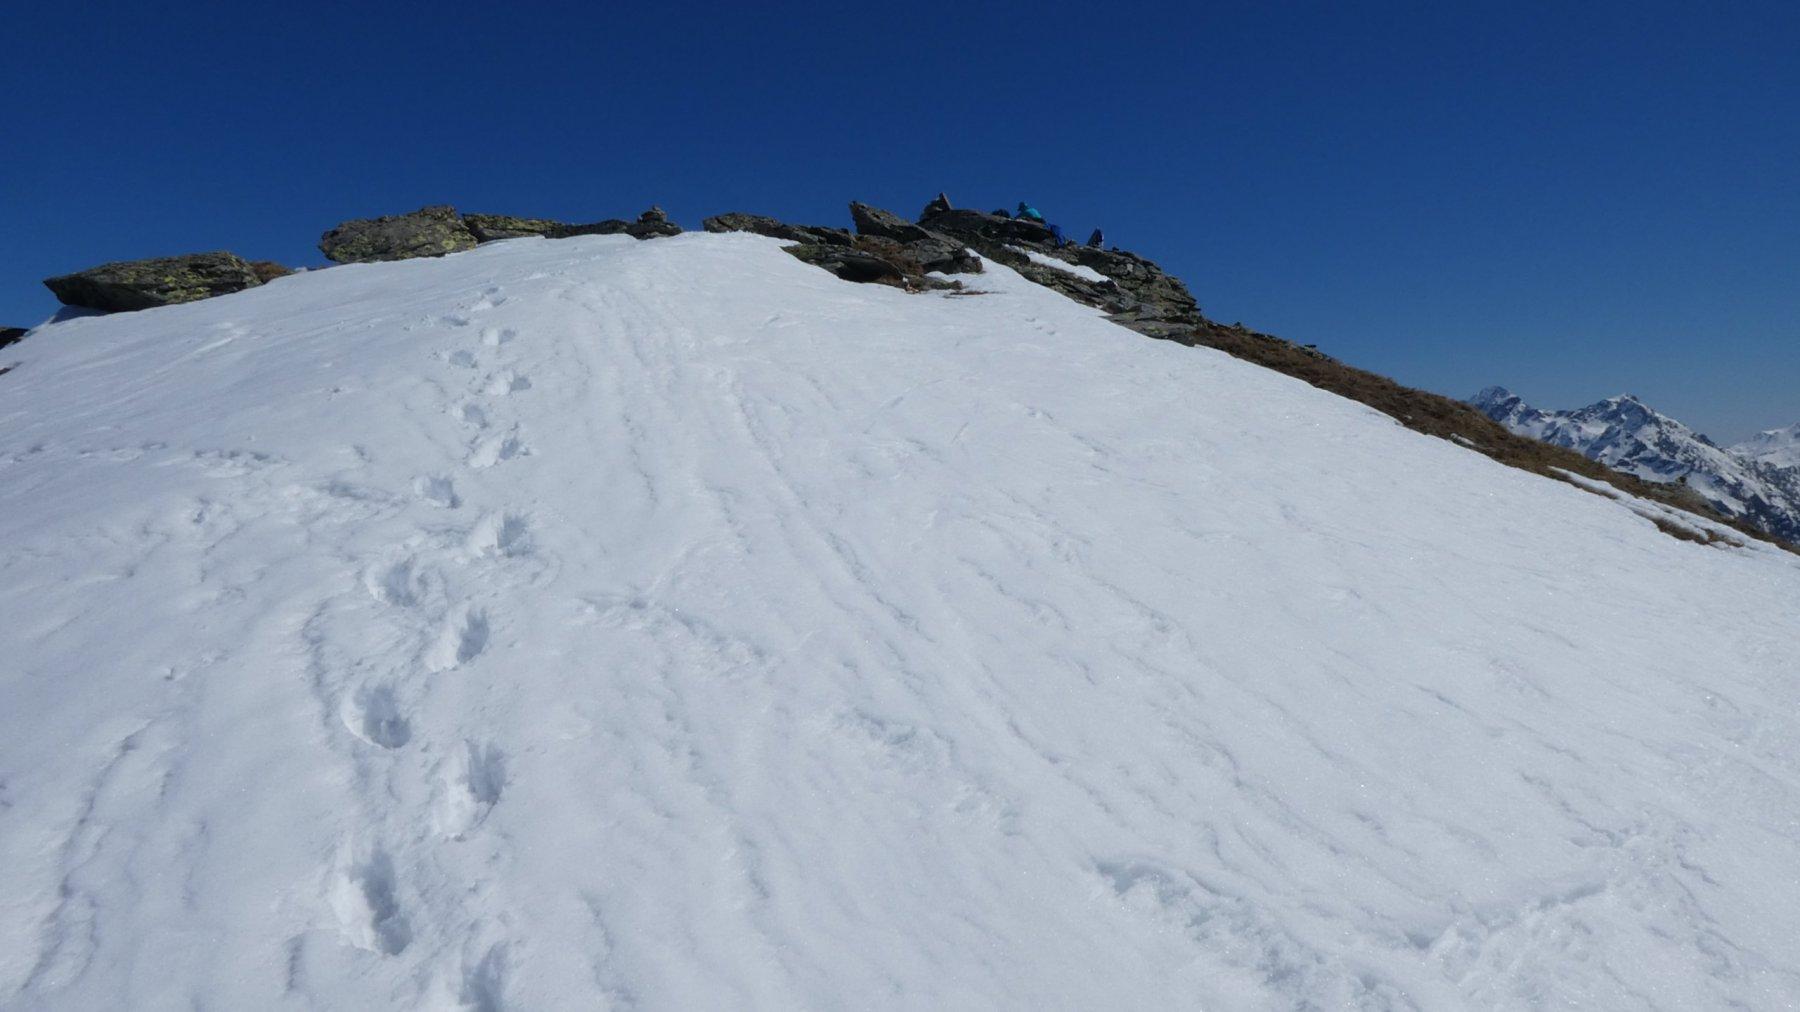 ultimi metri prima di arrivare in cima al Bieteron